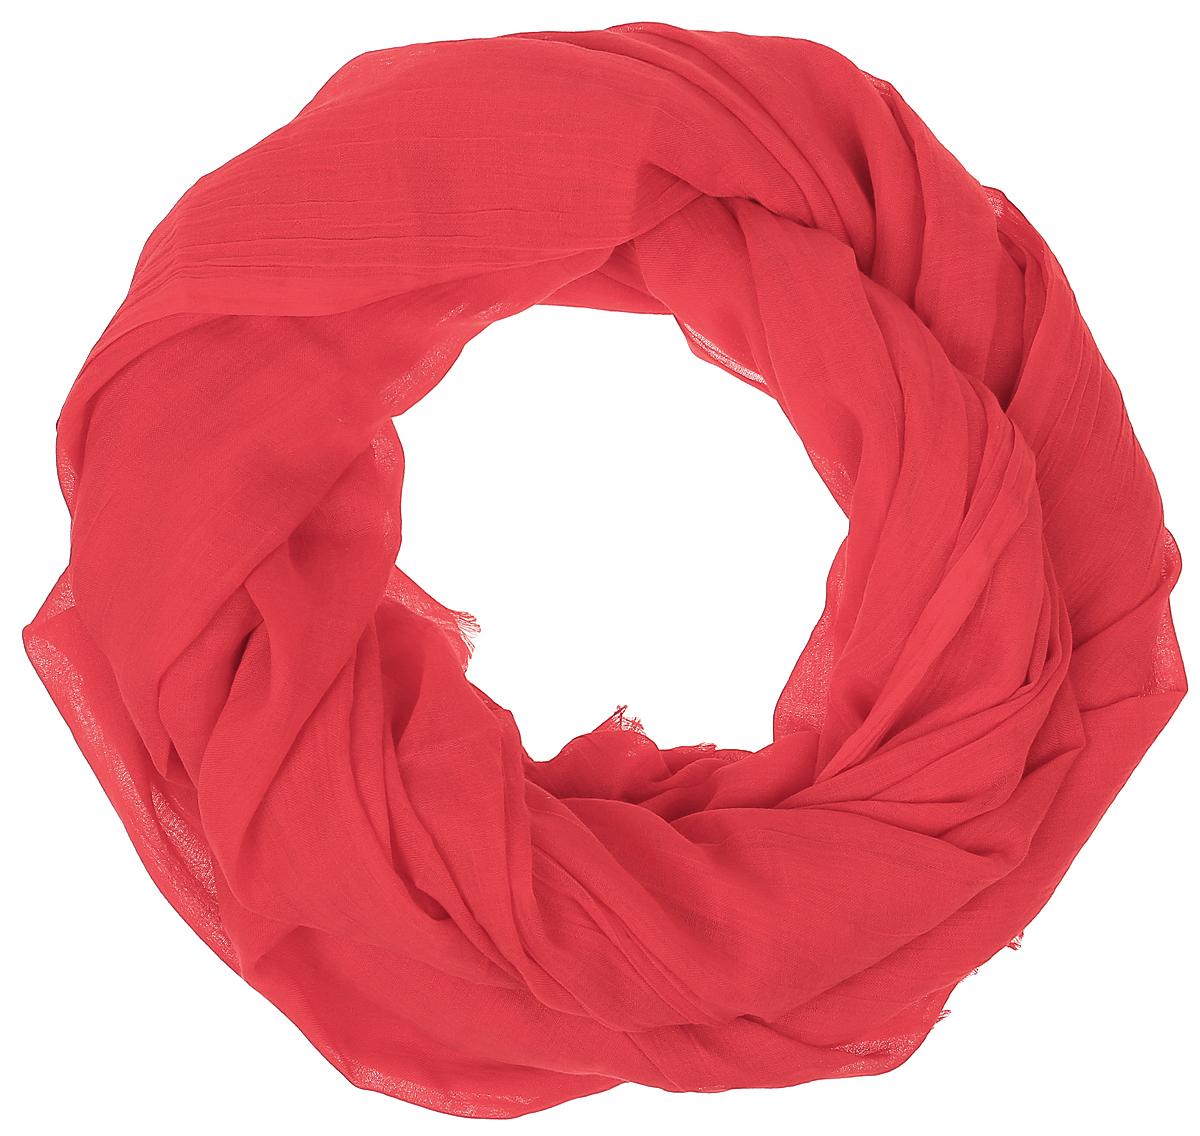 Палантин женский Vitta pelle, цвет: красный. Ro04PC3668/15. Размер 90 см х 180 смRo04PC3668/15Палантин женский Vitta pelle выполнен из качественного материала. Модель оформлена оригинальным принтом.